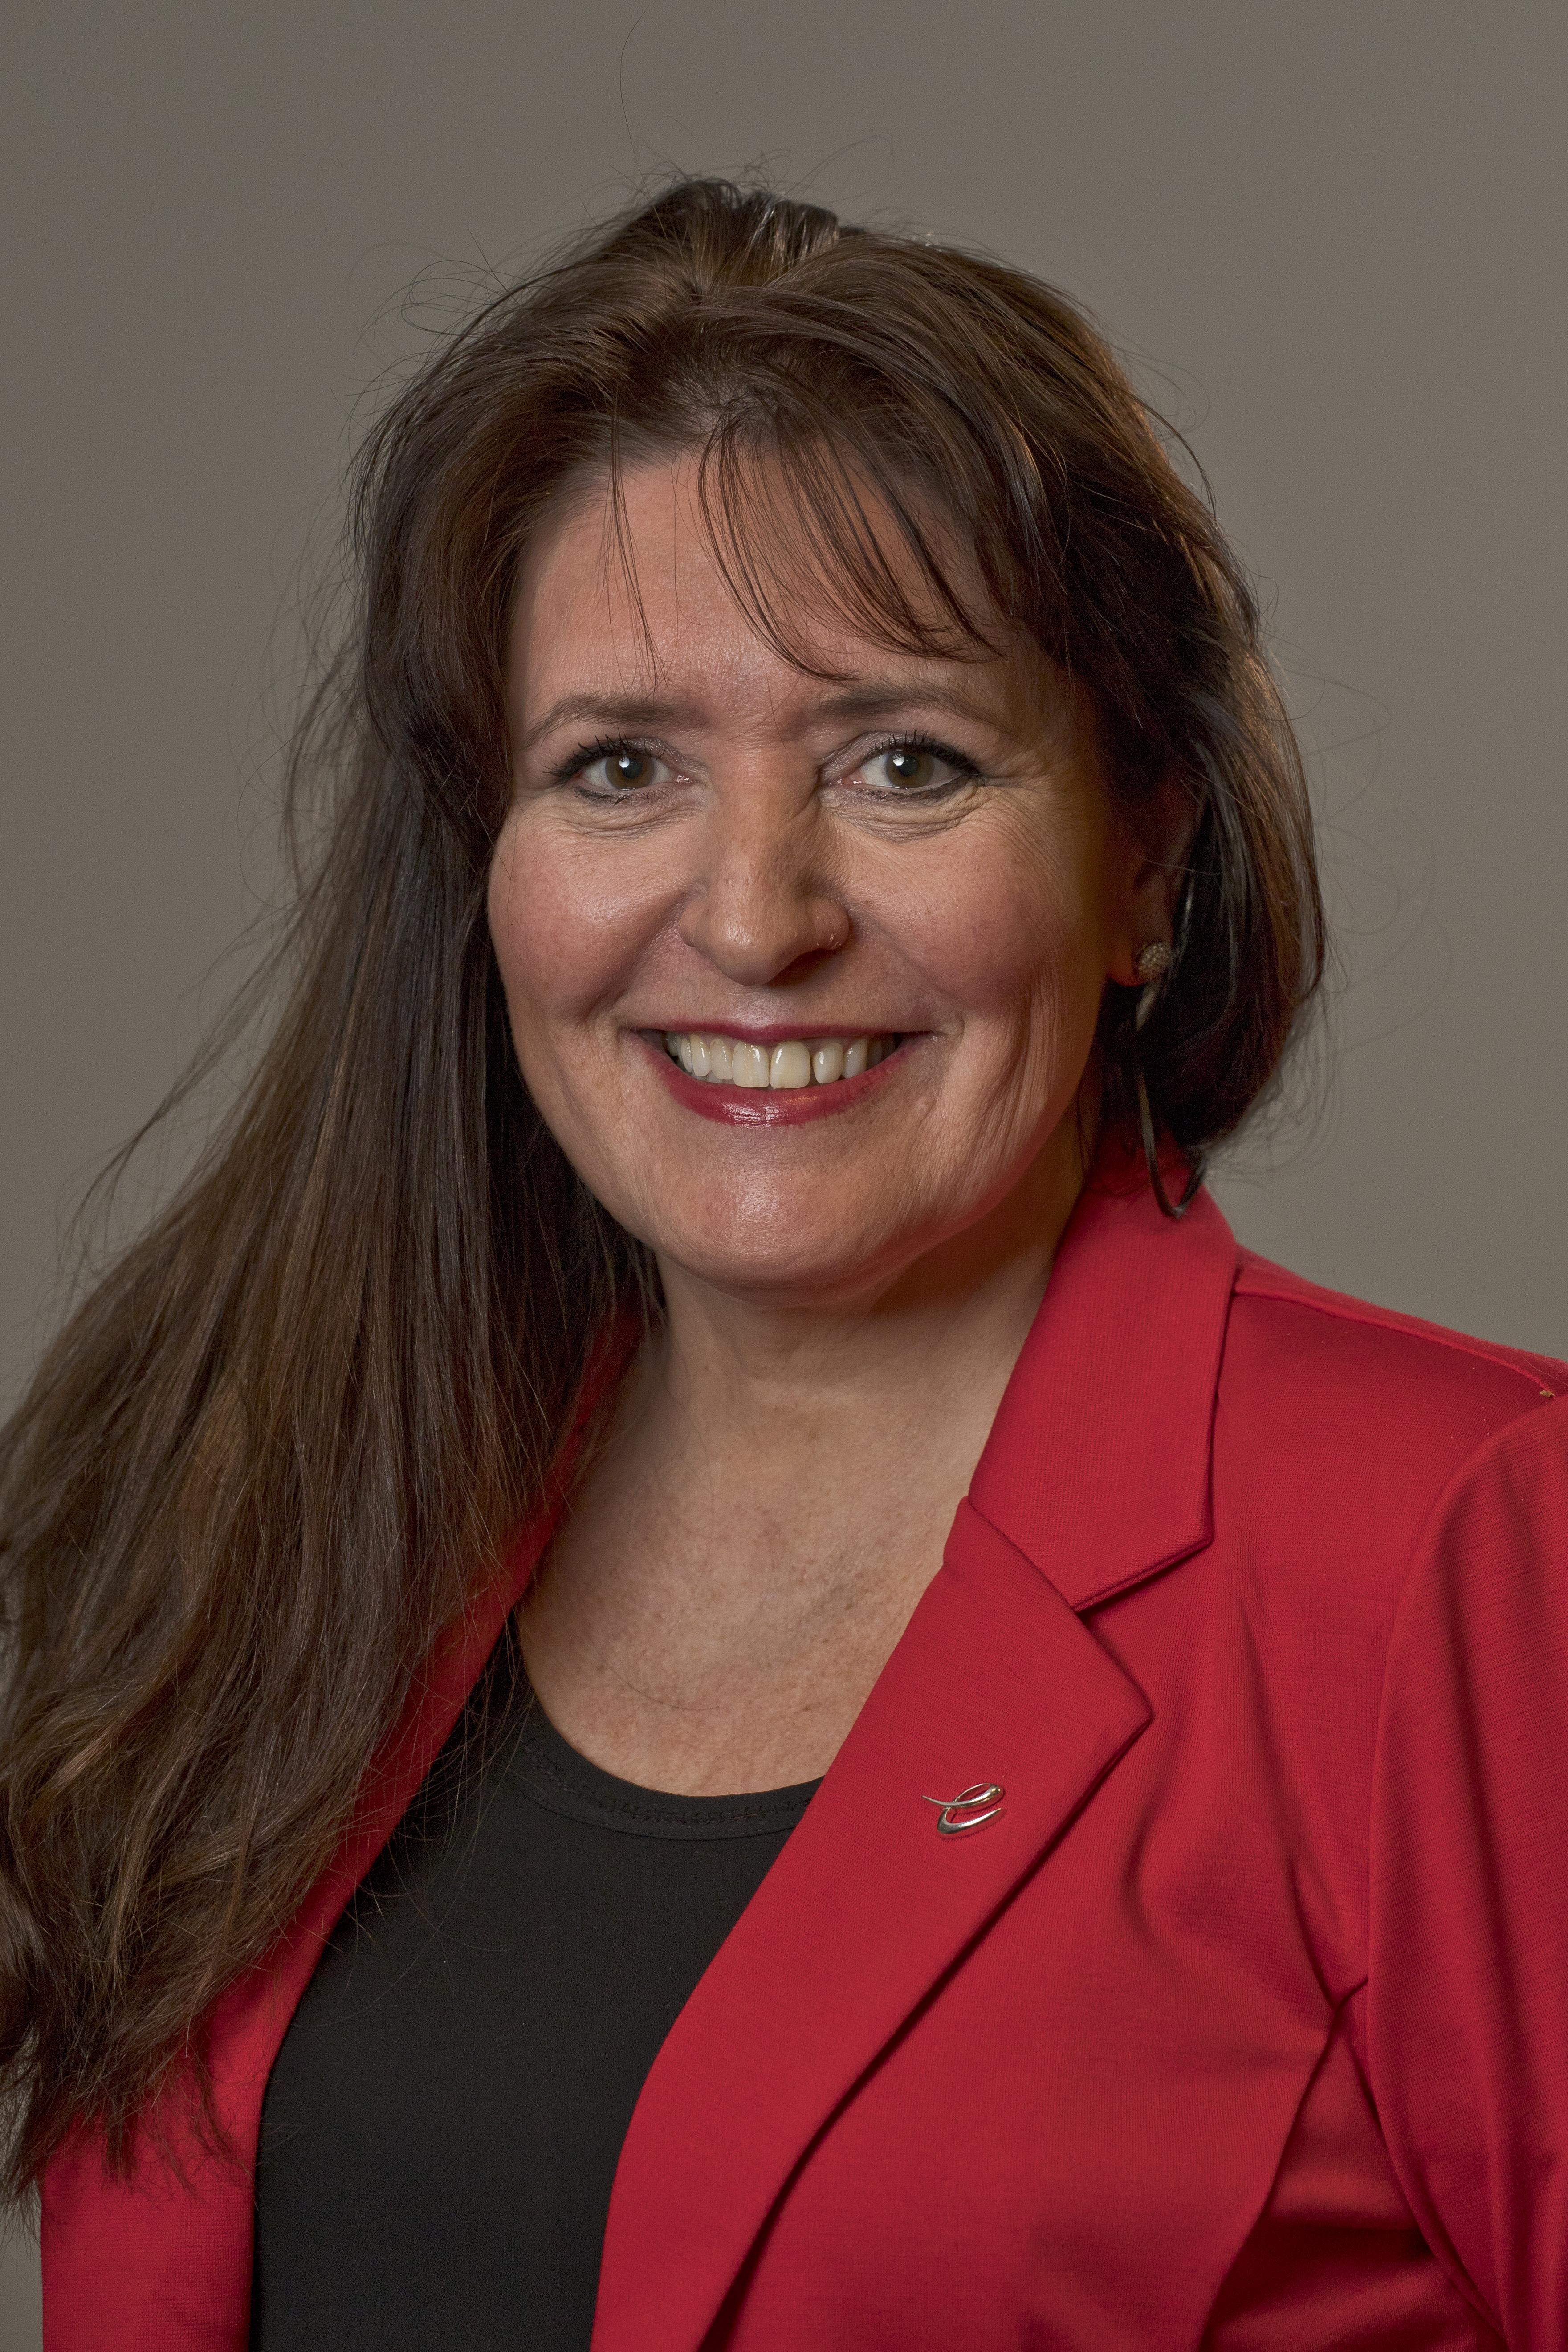 Ann Kristin Løe